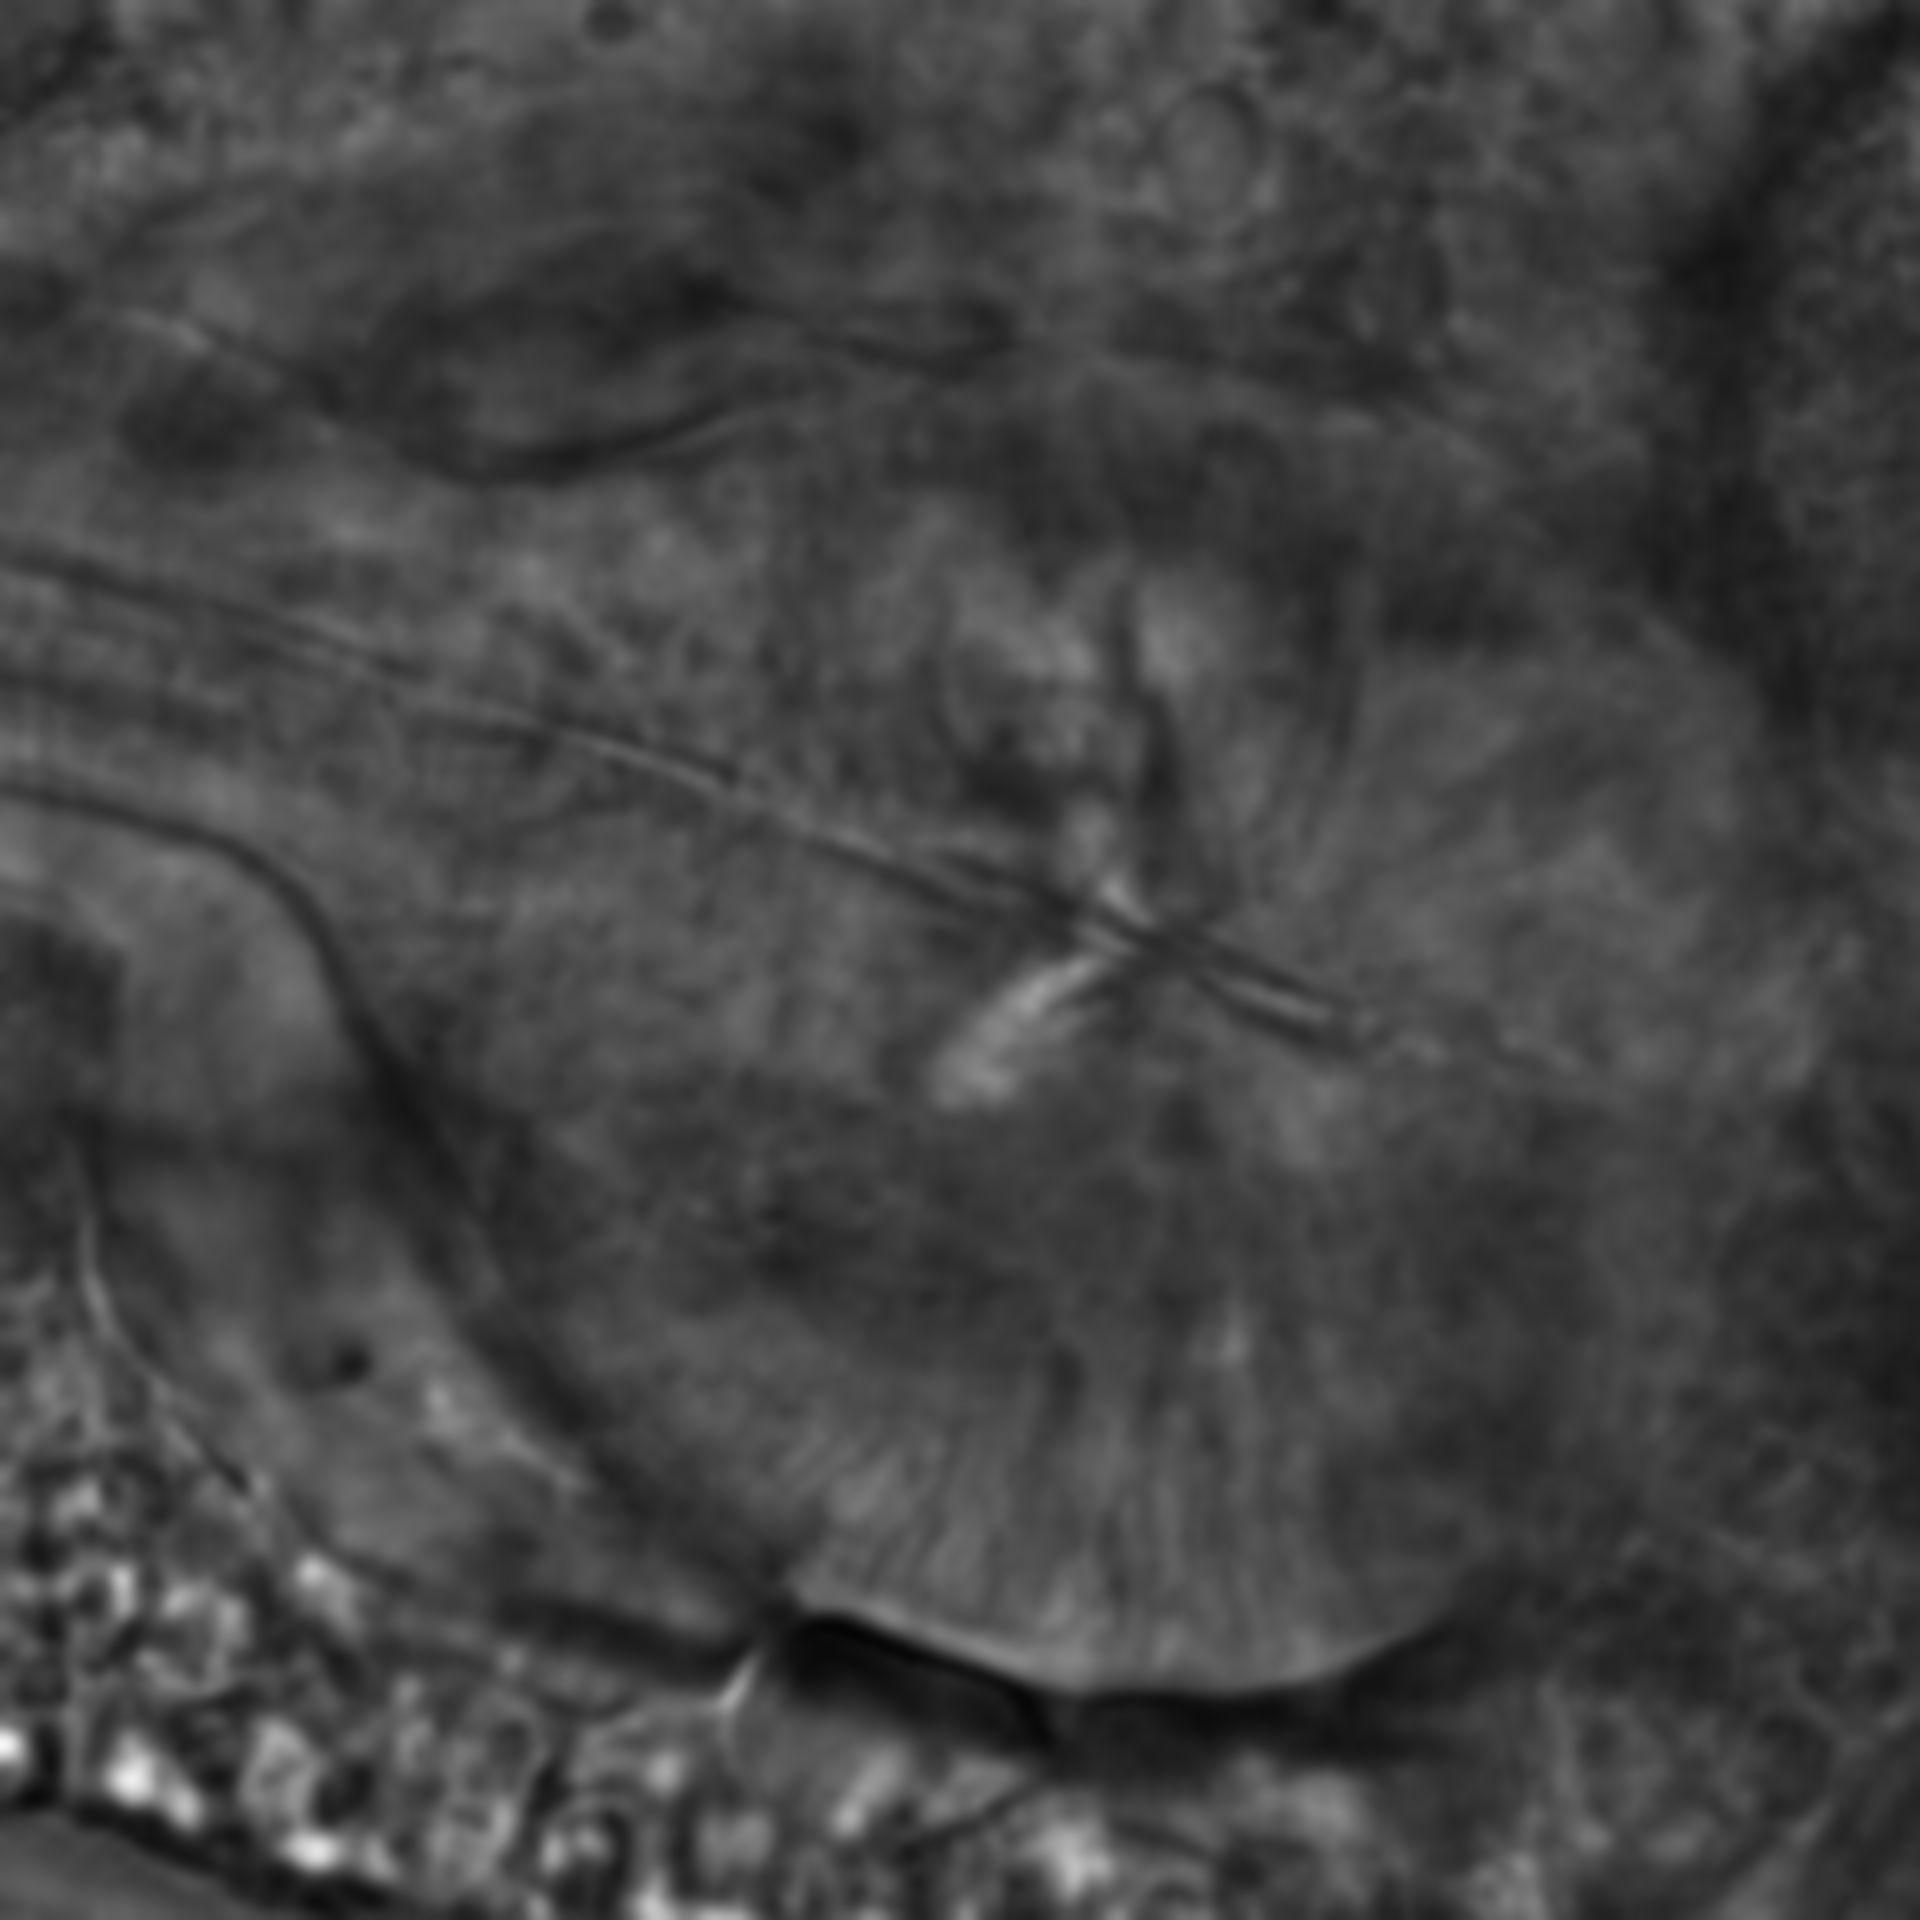 Caenorhabditis elegans - CIL:2163